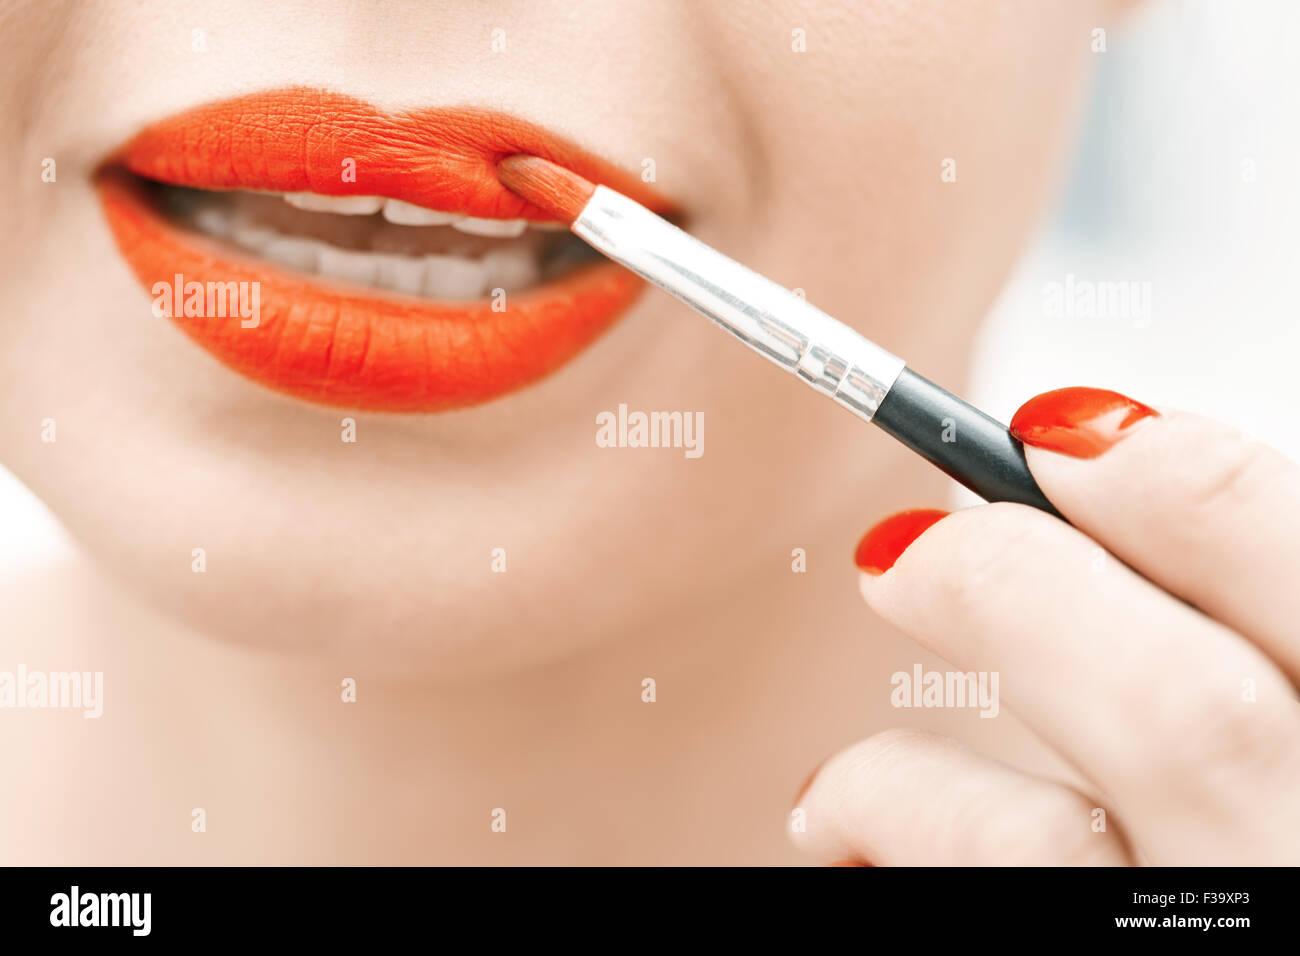 Donna applicando un rossetto rosso. Vista ravvicinata sul viso Immagini Stock